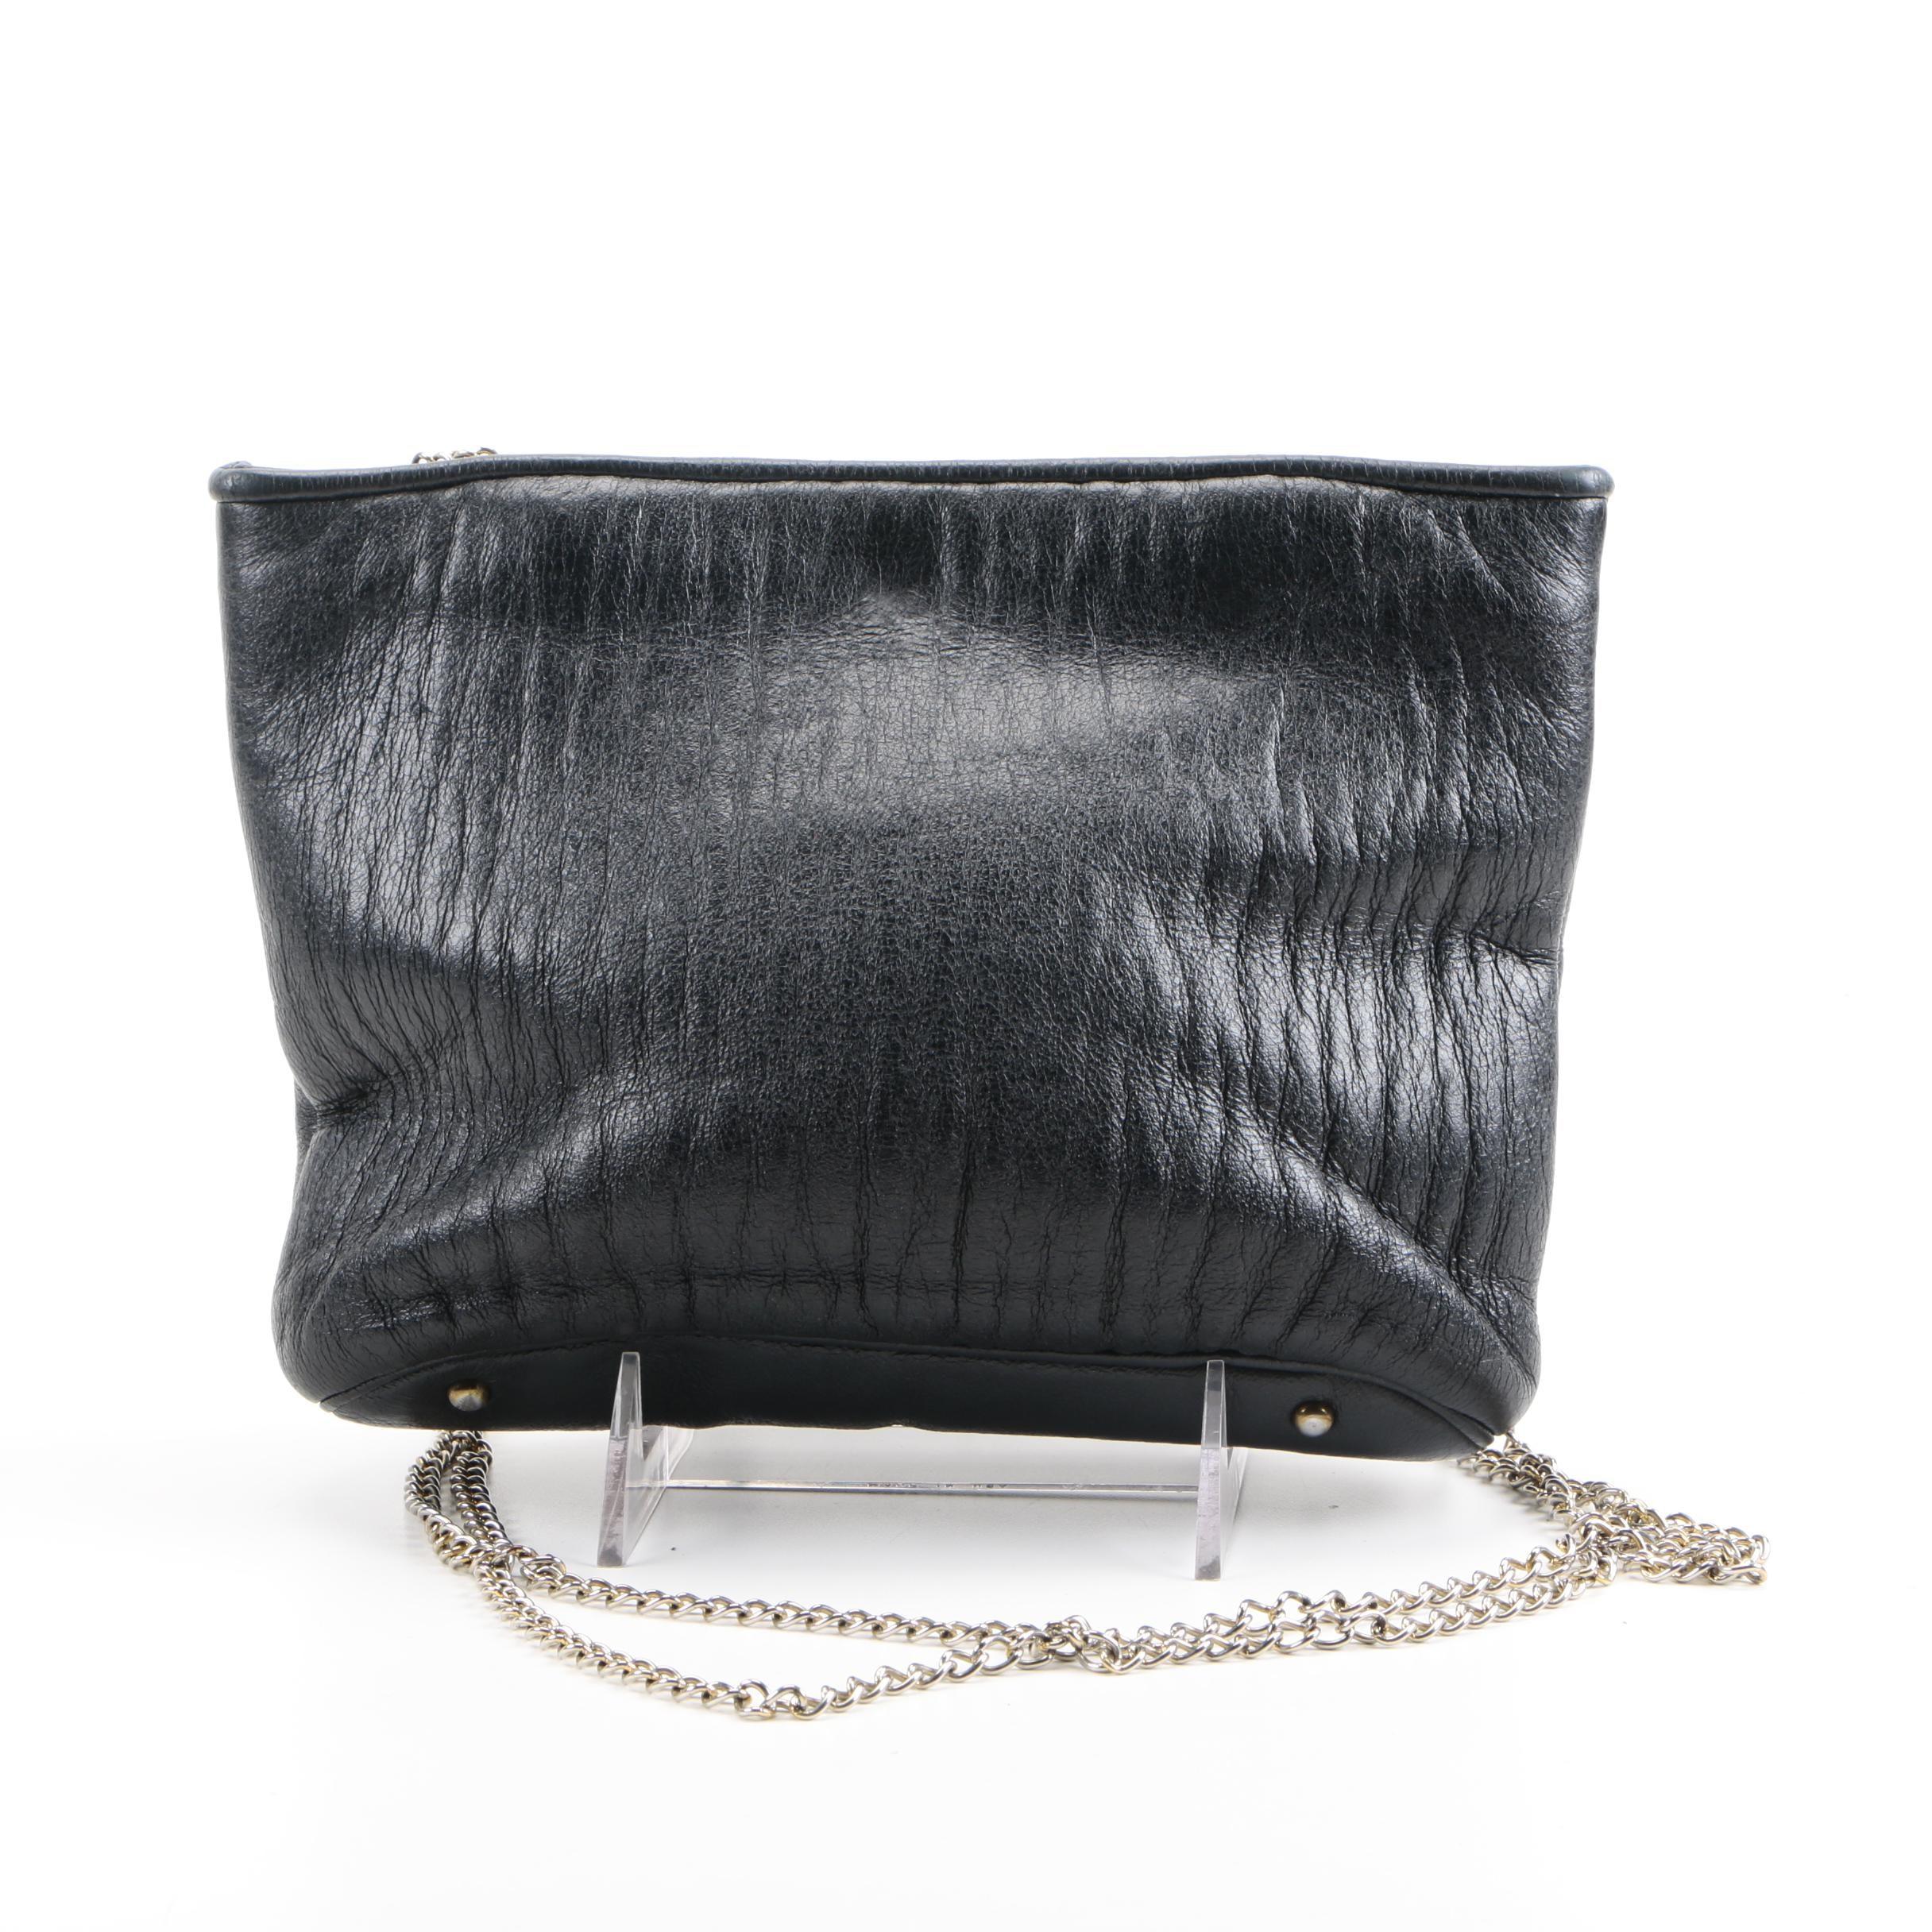 Vintage 1950s Ronay Handbag